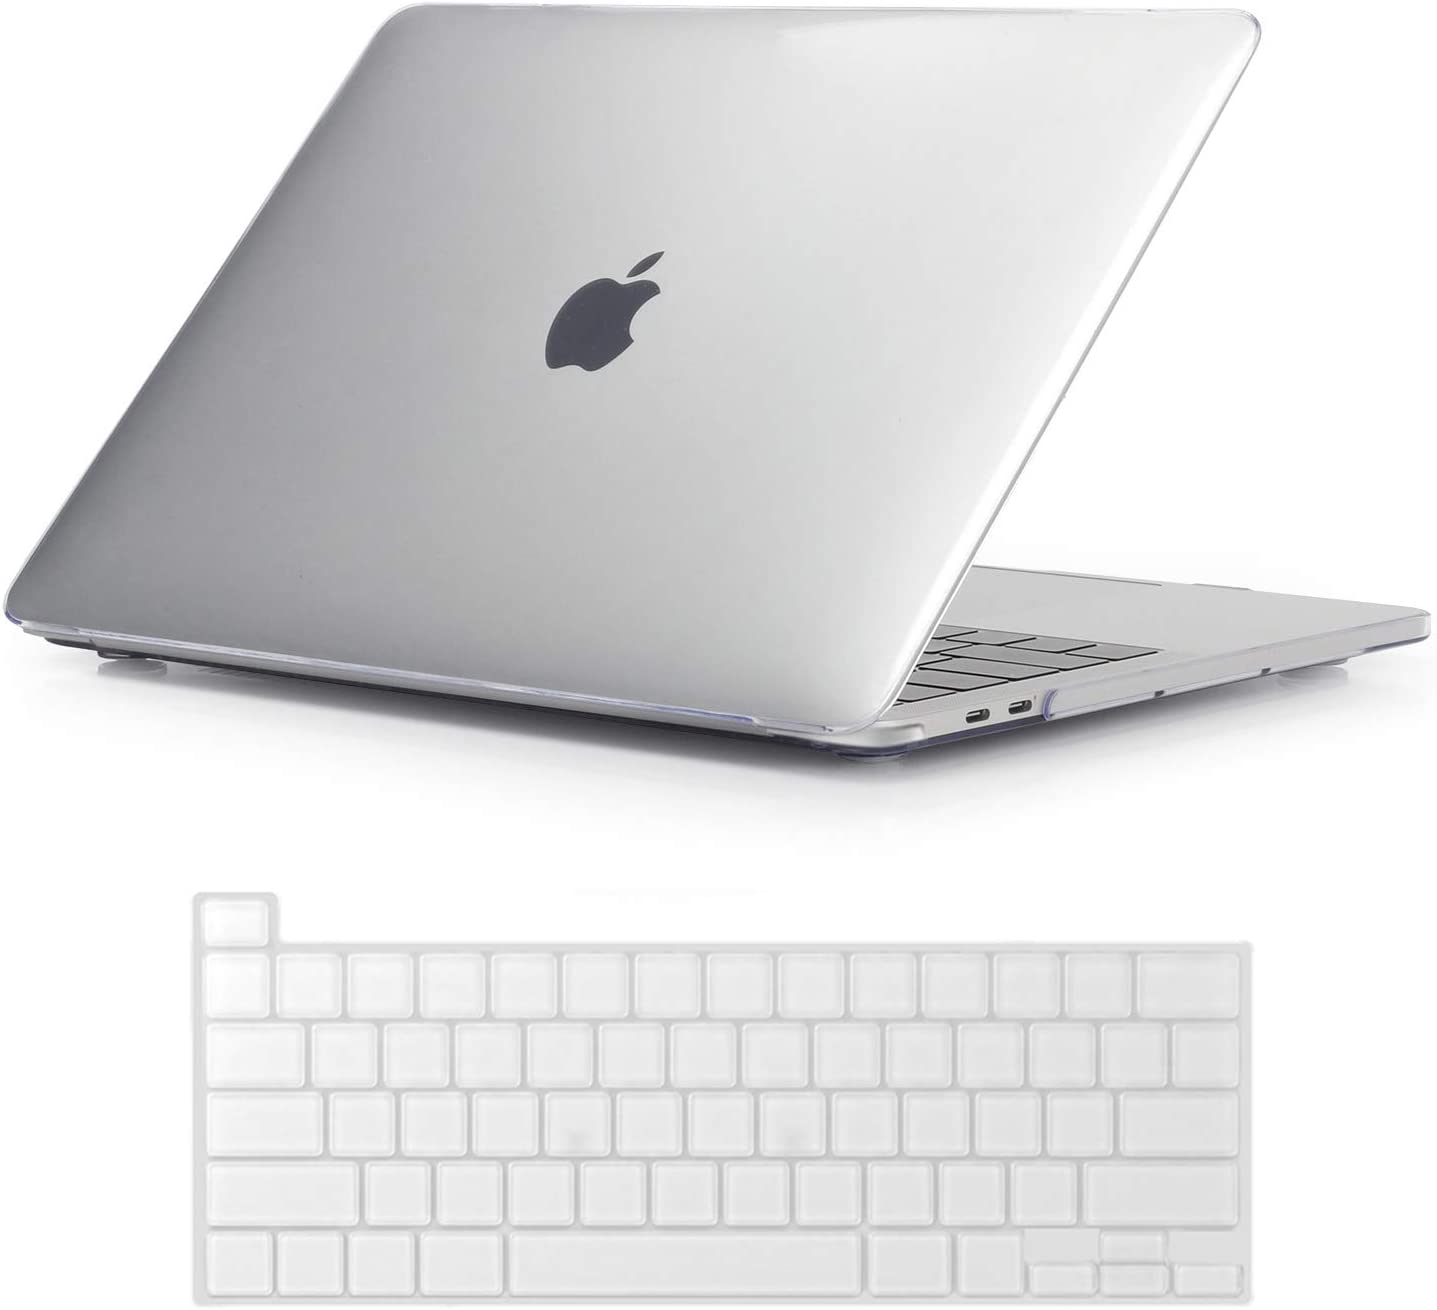 Estuche Procase Macbook Pro 13 A2338 M1 A2289 A2251